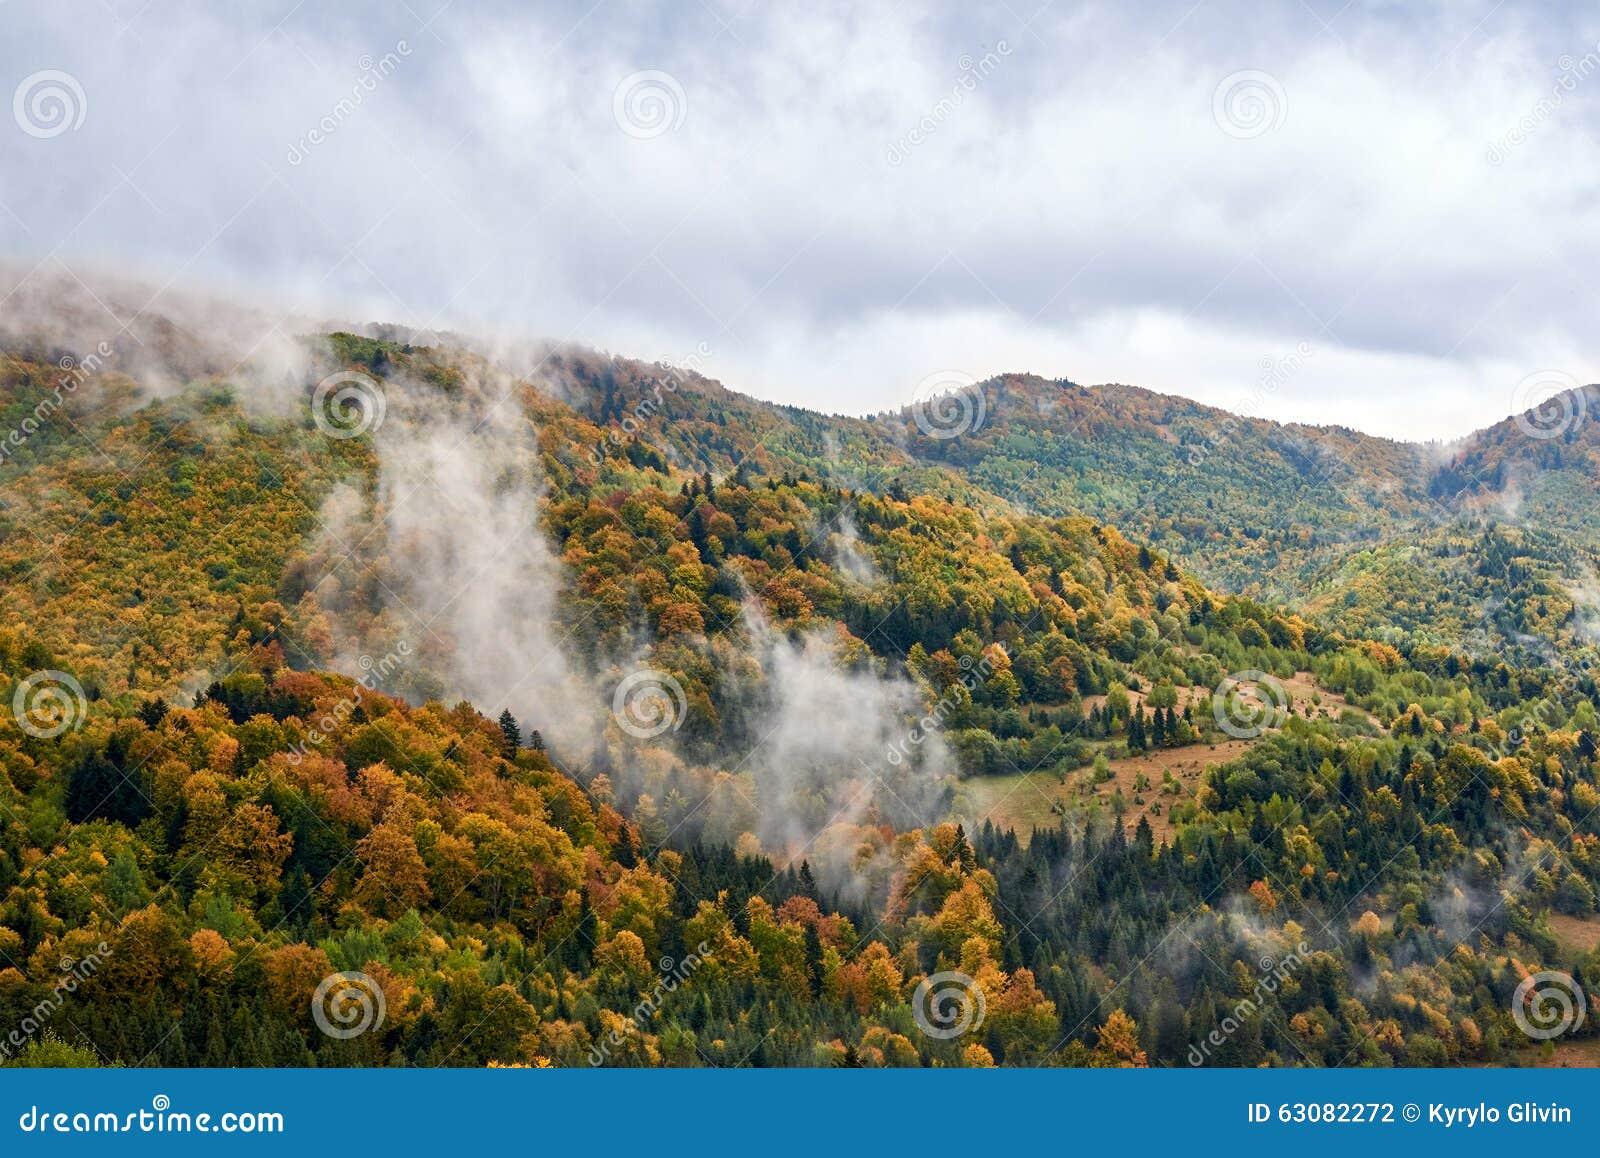 Download Paysage De Montagne Avec Des Nuages Et Des Arbres Colorés Photo stock - Image du côte, coloré: 63082272